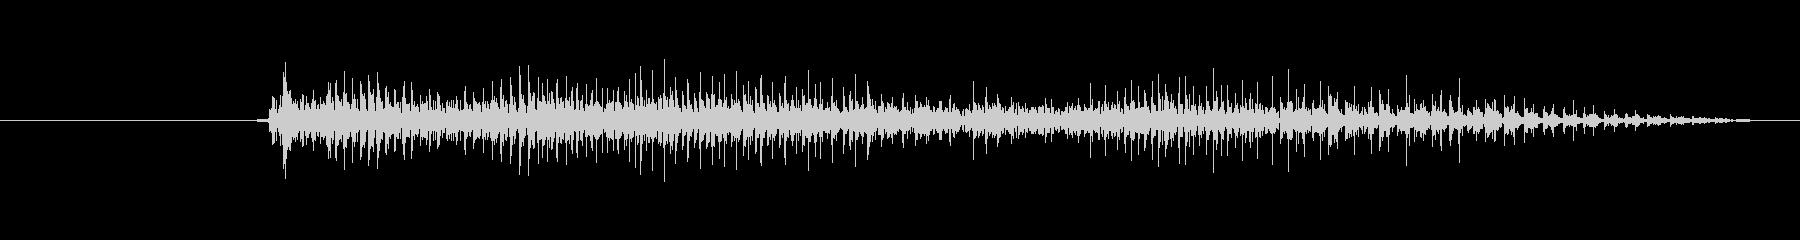 鳴き声 リトルガールスノート09の未再生の波形